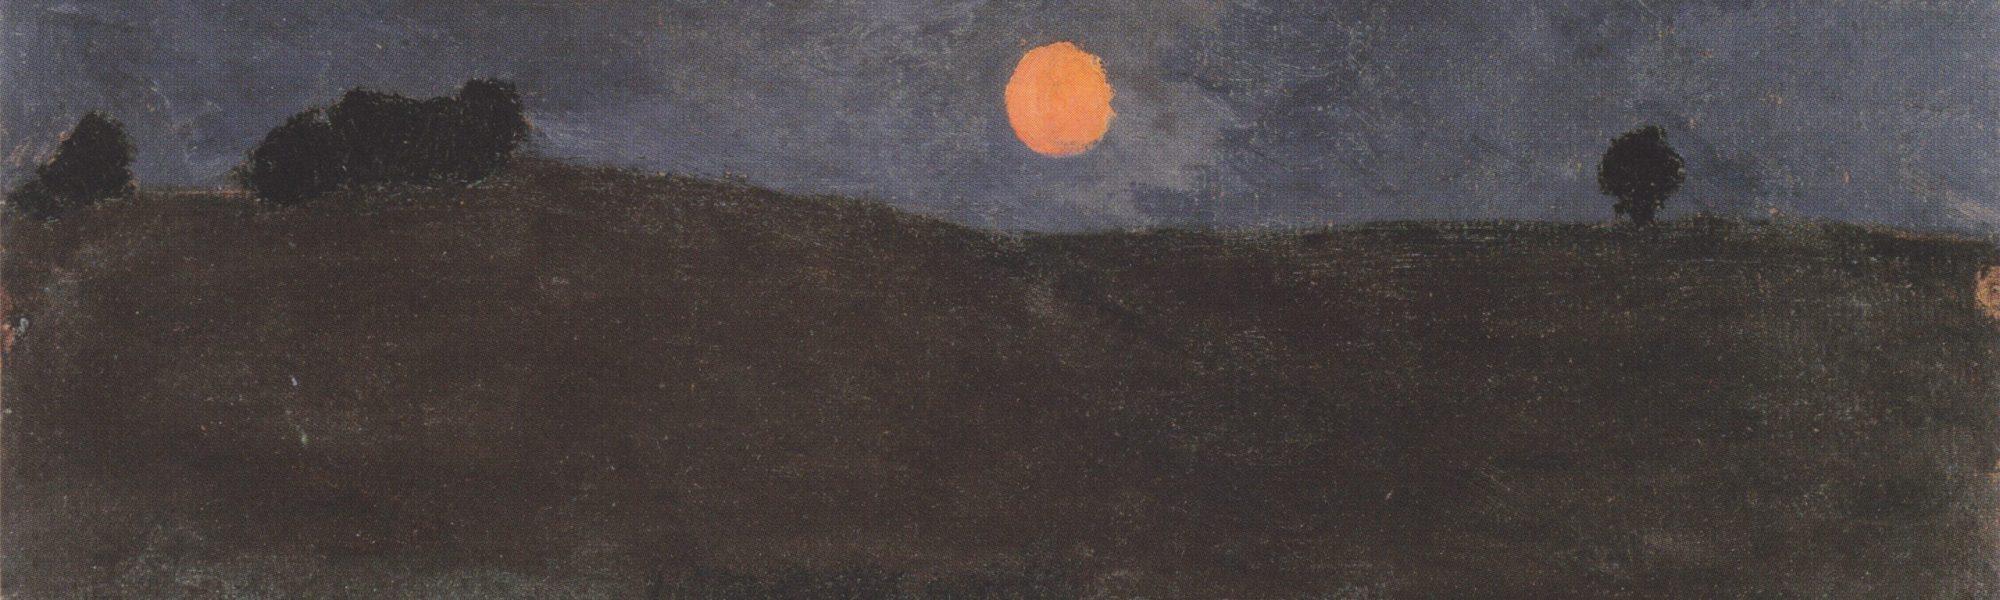 Landschap met Maan - Paula Modersohn-Becker